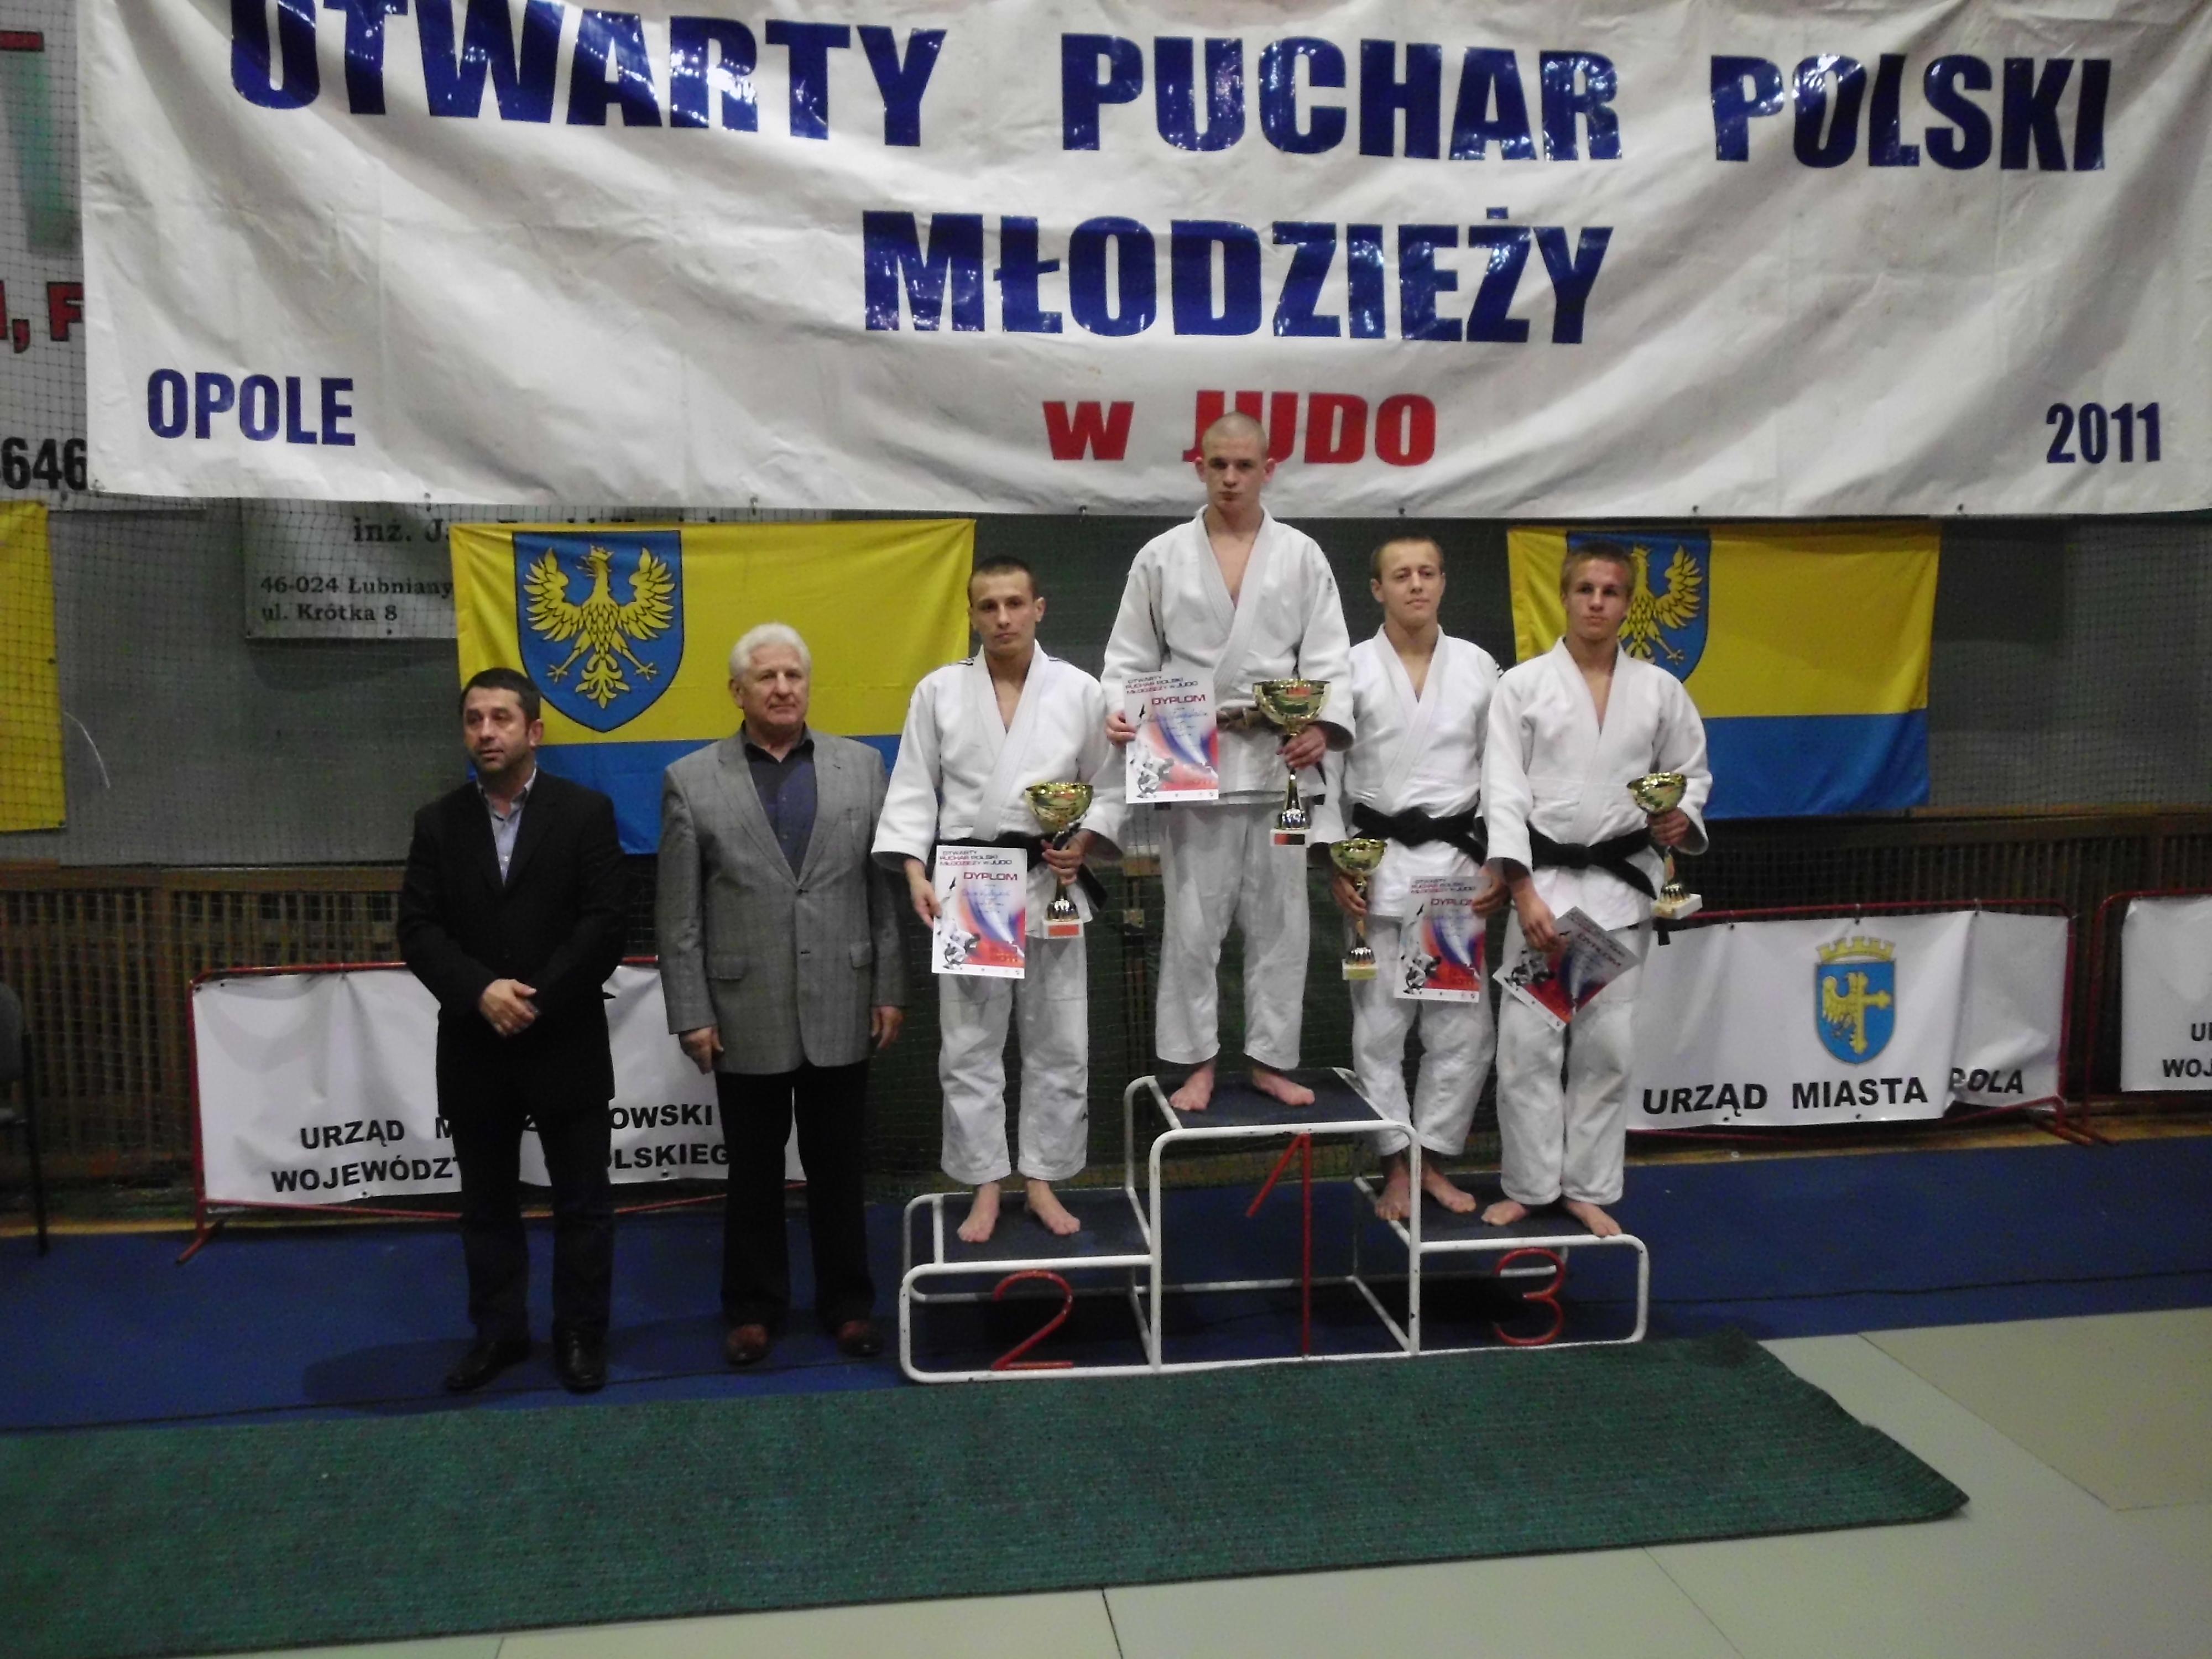 Złoto i srebro na Otwartym Pucharze Polski Młodzieży